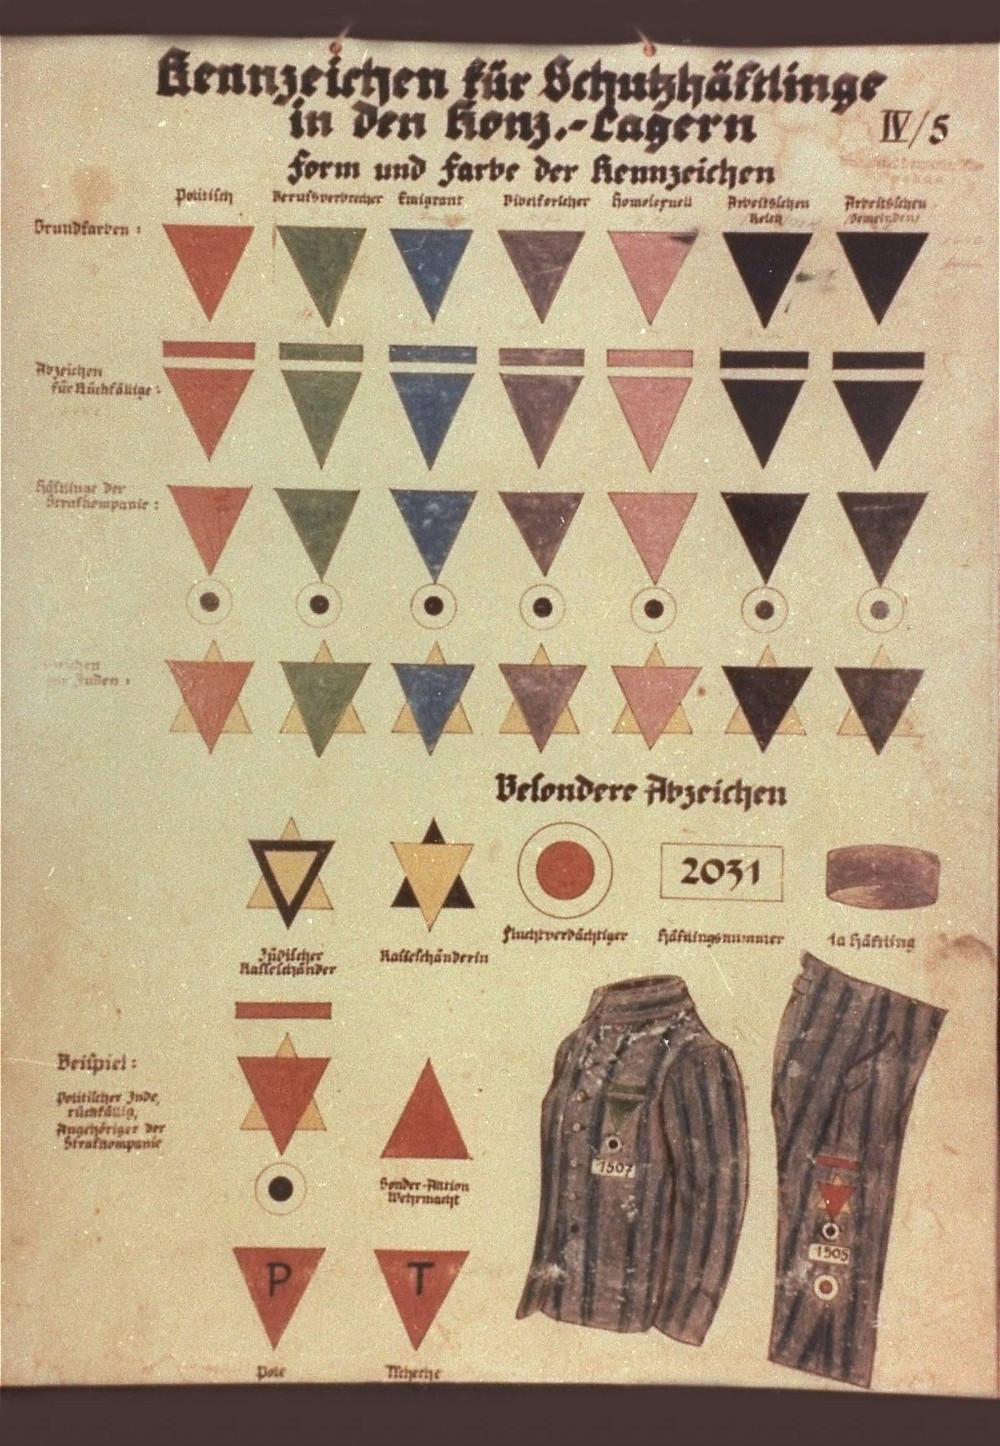 Διάγραμμα σημάνσεων κρατουμένων που χρησιμοποιούνταν σε γερμανικά στρατόπεδα συγκέντρωσης. Νταχάου, Γερμανία, περίπου το 1938-1942